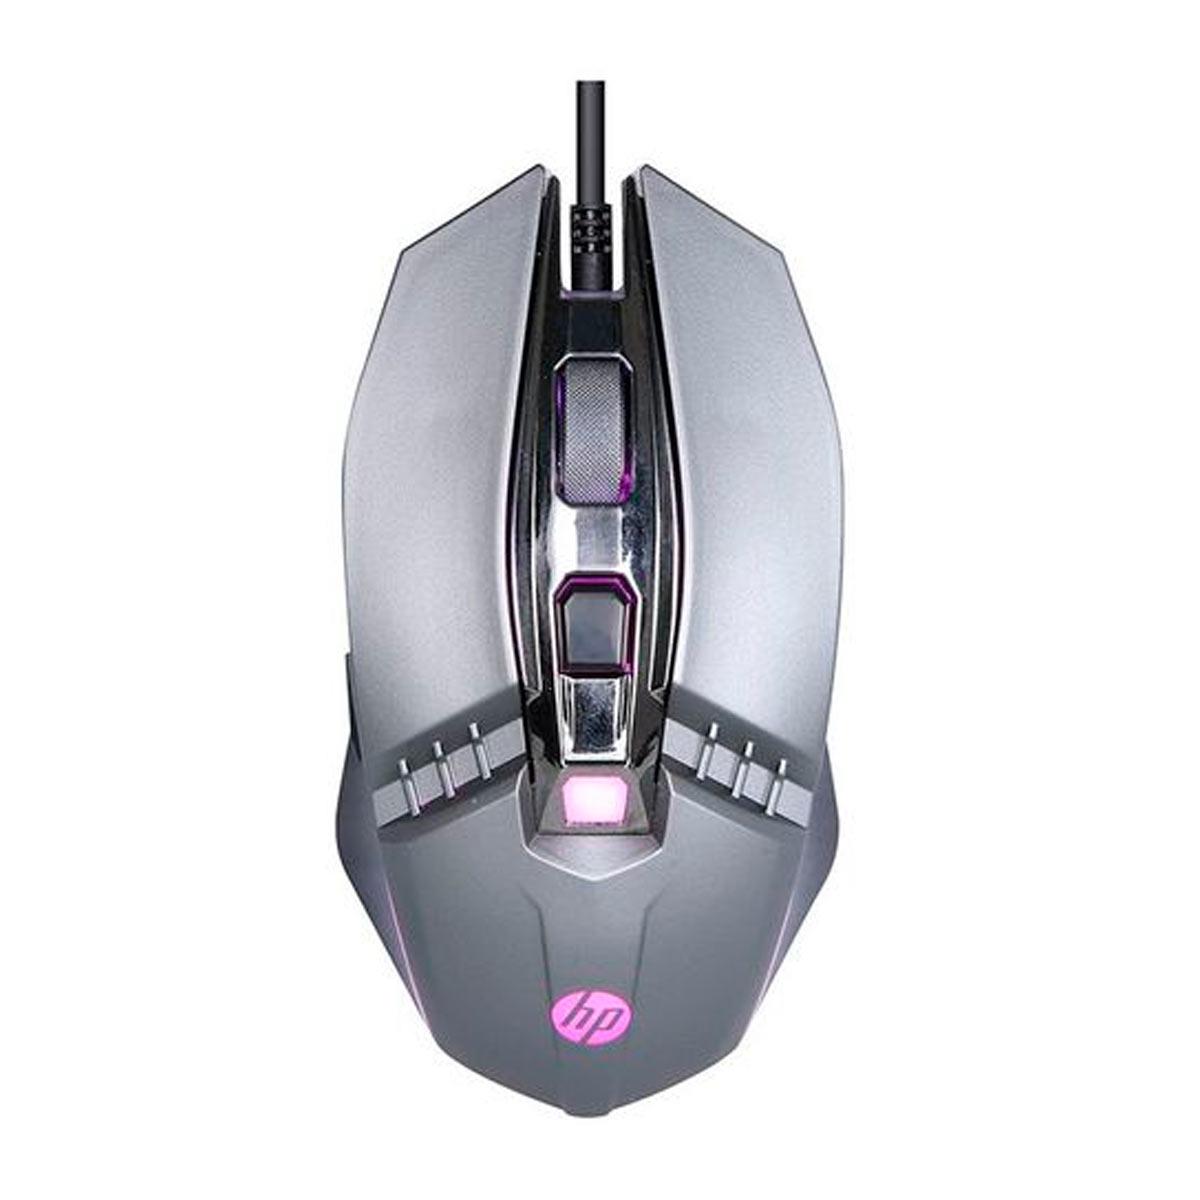 Mouse HP Gamer USB M270 2400DPI LED Chumbo